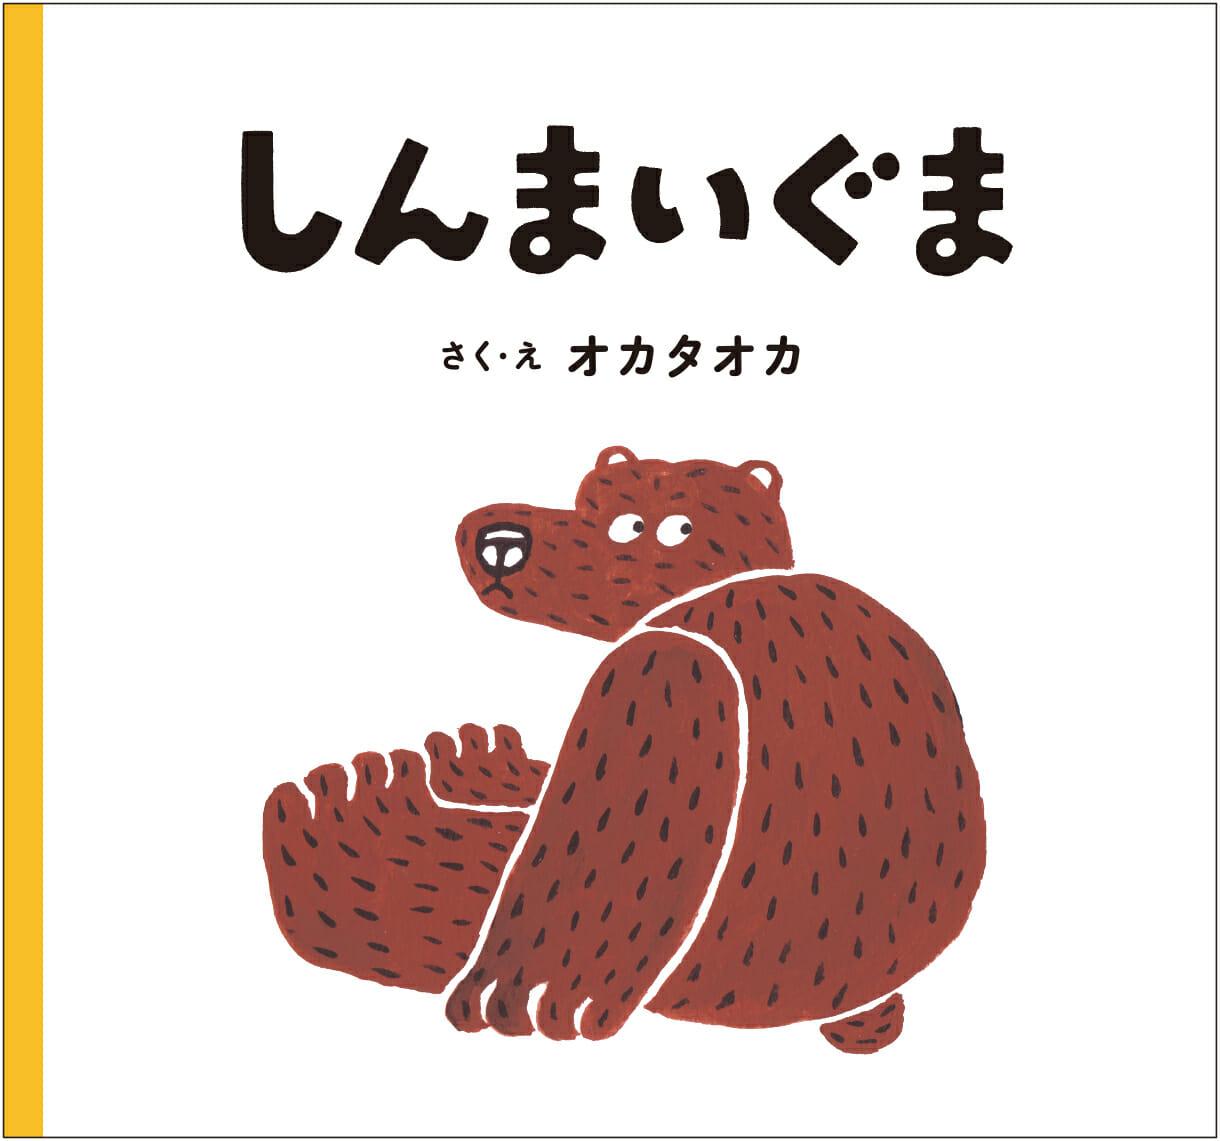 写真家・若木信吾さんが立ち上げた絵本レーベル『若芽舎』から発売された、オカタオカさんが作画・原作を書き下ろした絵本『しんまいぐま』